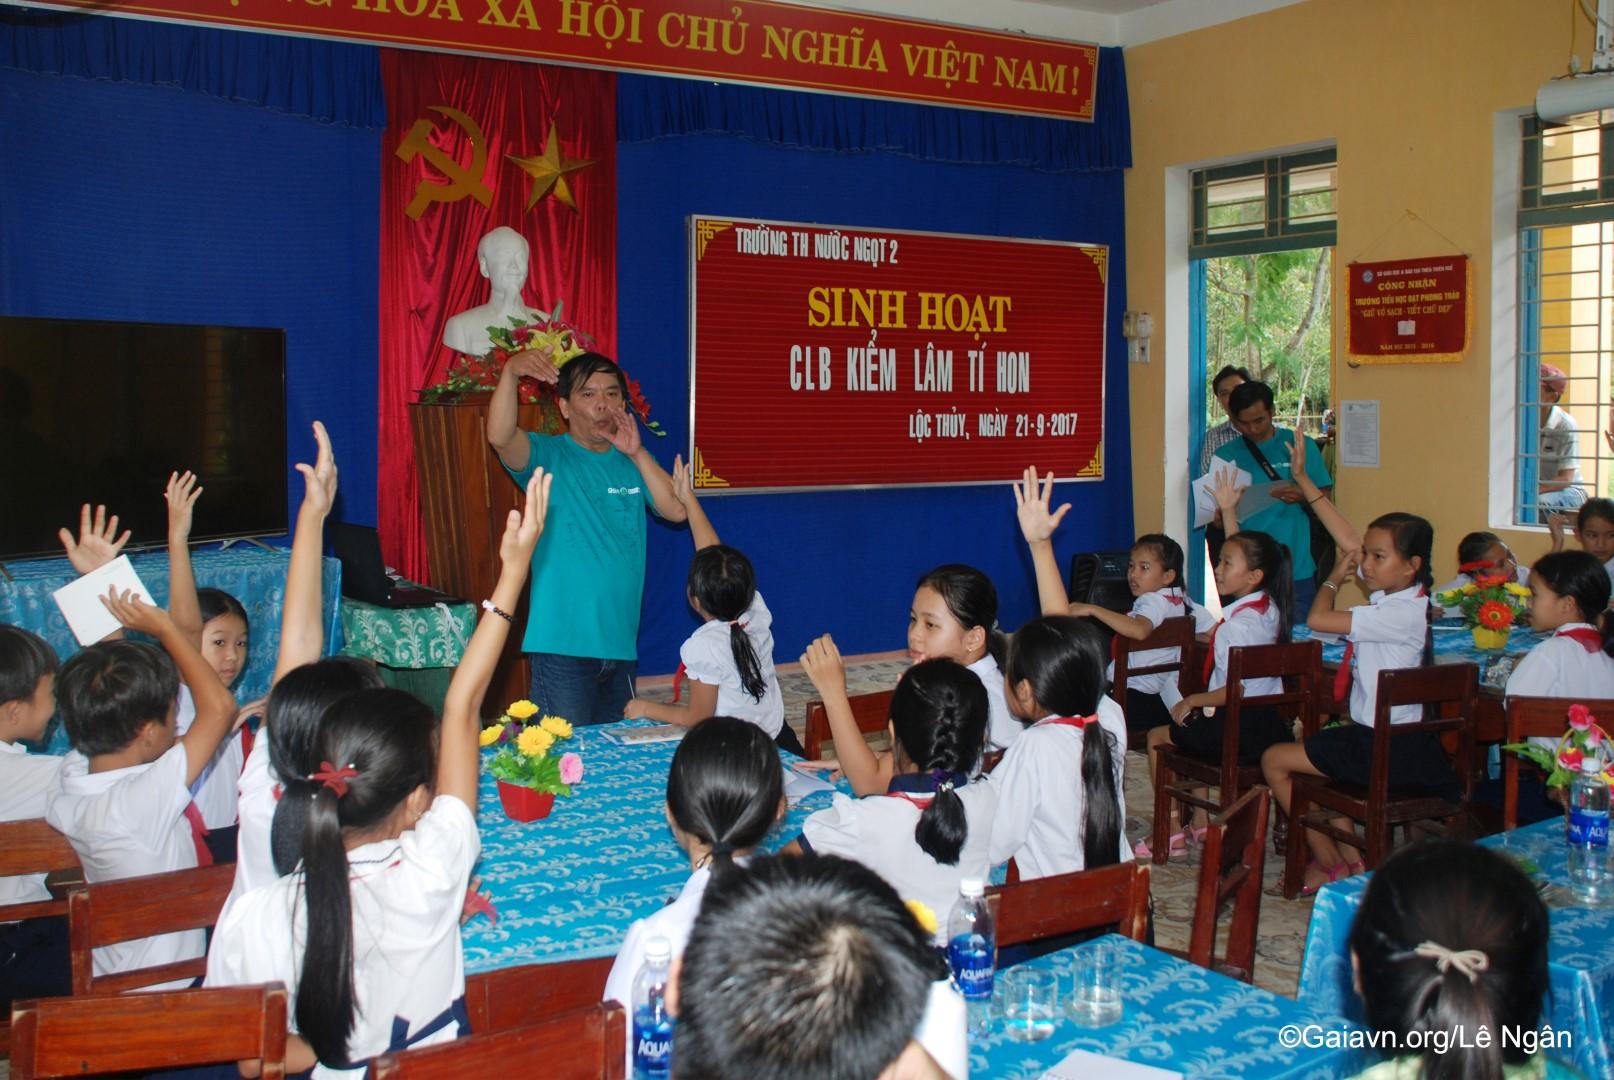 Các bạn học sinh trong câu lạc bộ hăng hái tham gia trò chơi